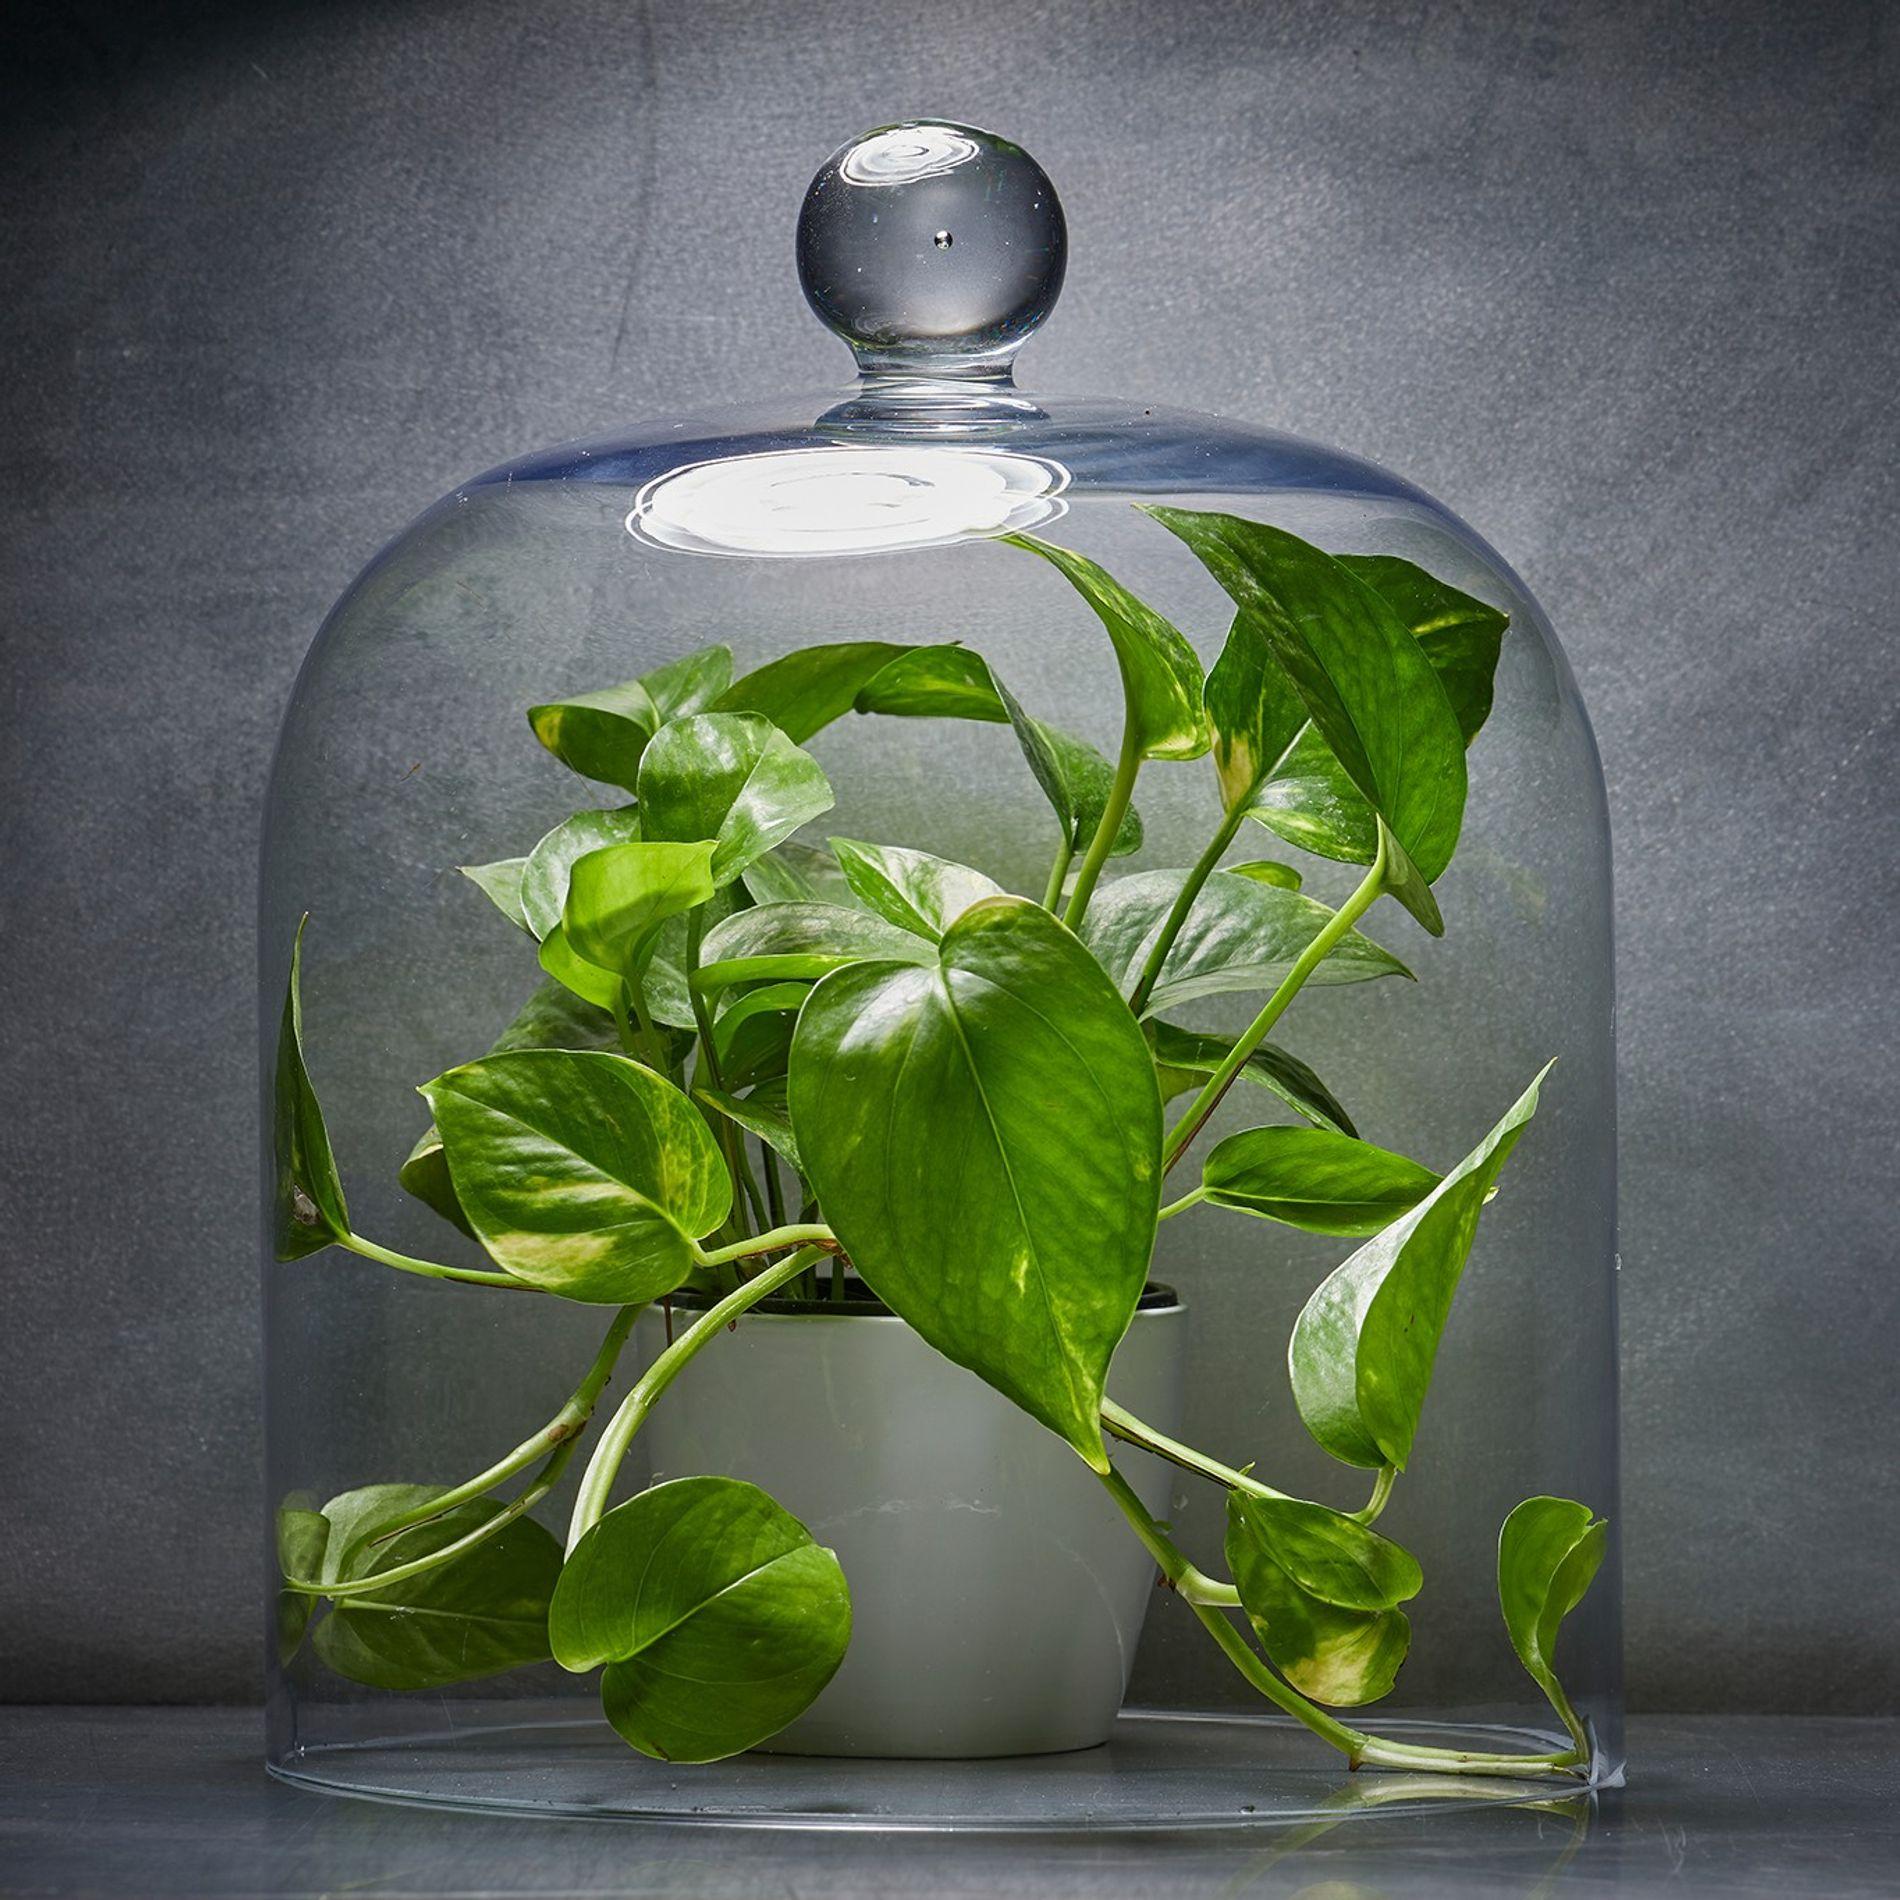 Indoor Gardening wird immer beliebter. Viele beliebte Zimmerpflanzen werden Kunden als gute Möglichkeit verkauft, die Zimmerluft ...